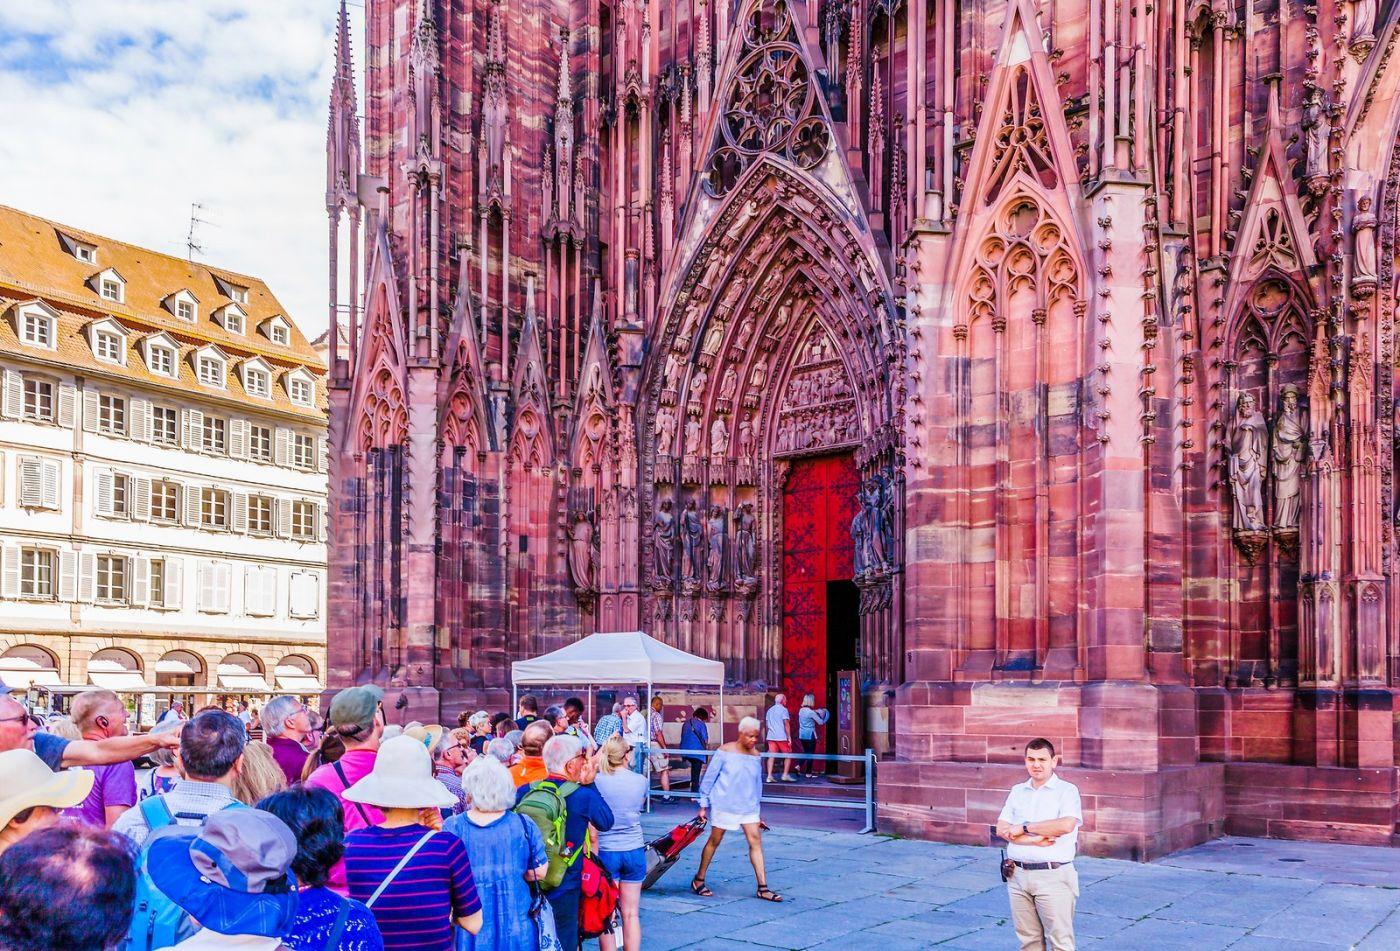 法国斯特拉斯堡(Strasbourg),八百年的主教堂_图1-26